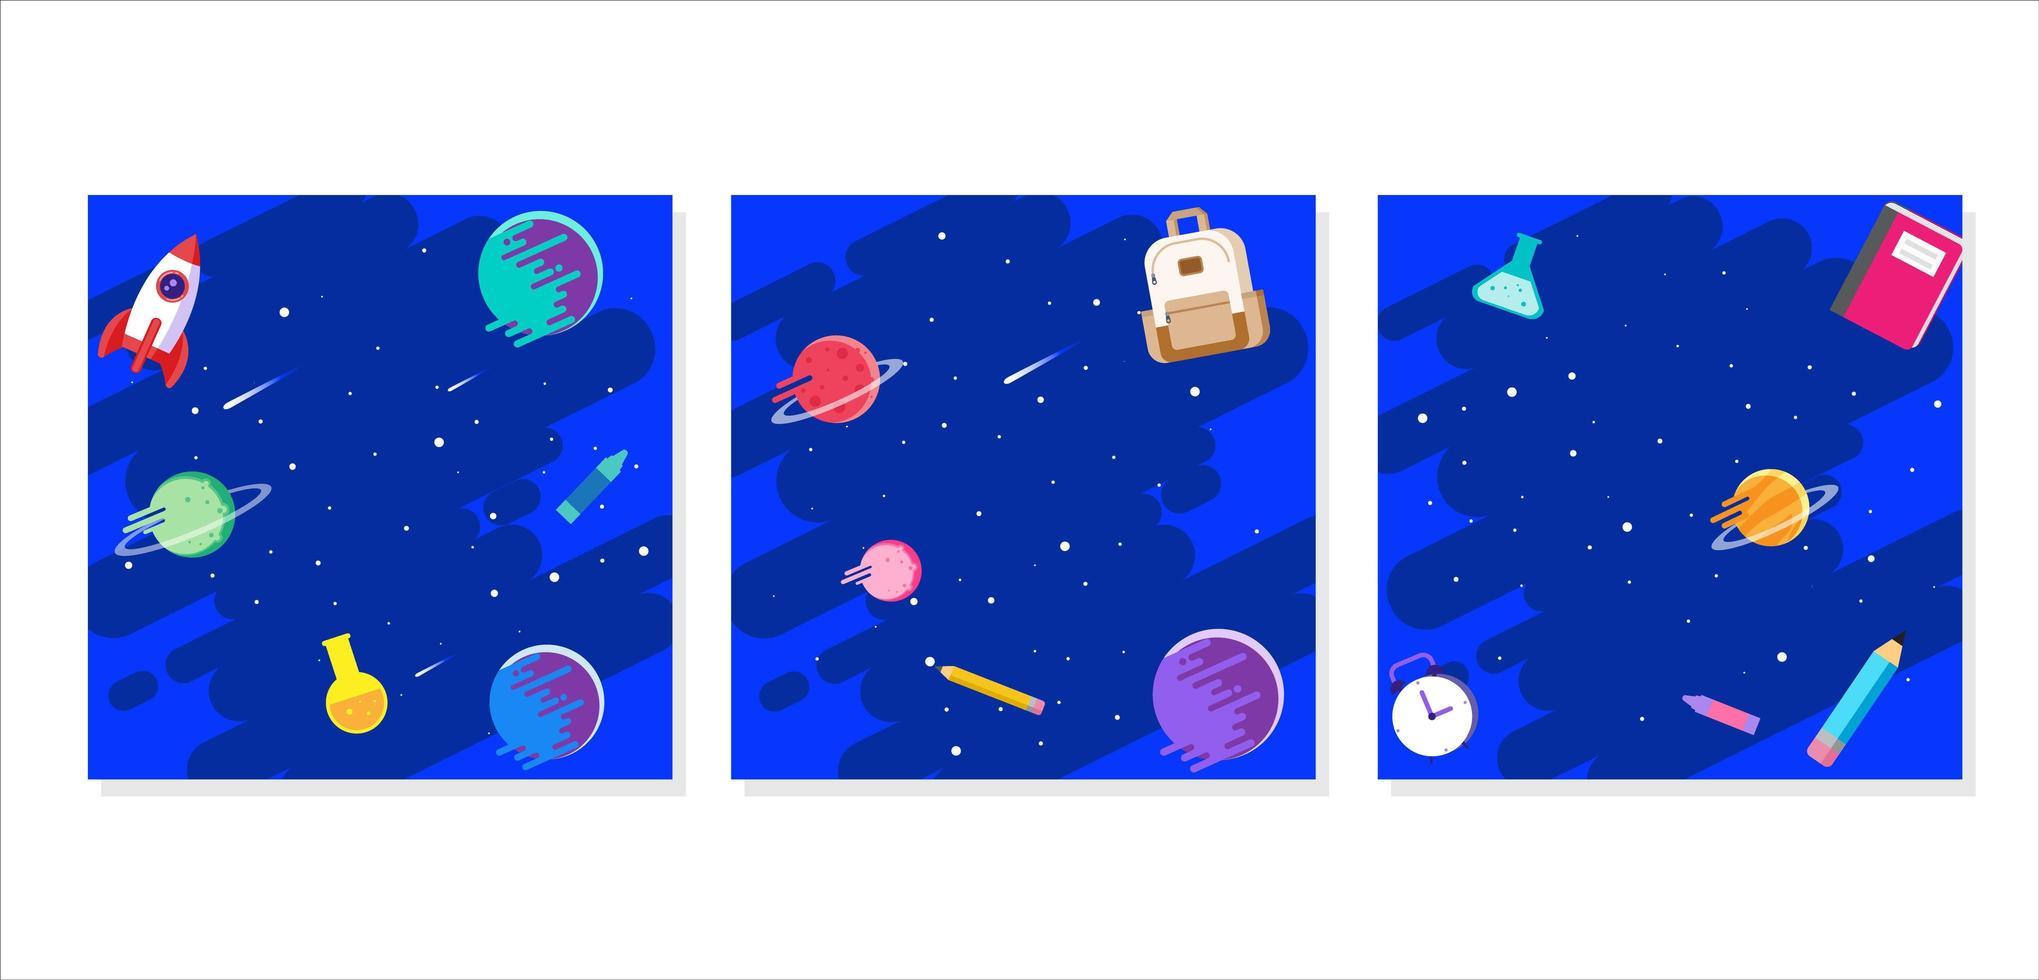 profielframe met ruimtemelkwegconcept vector